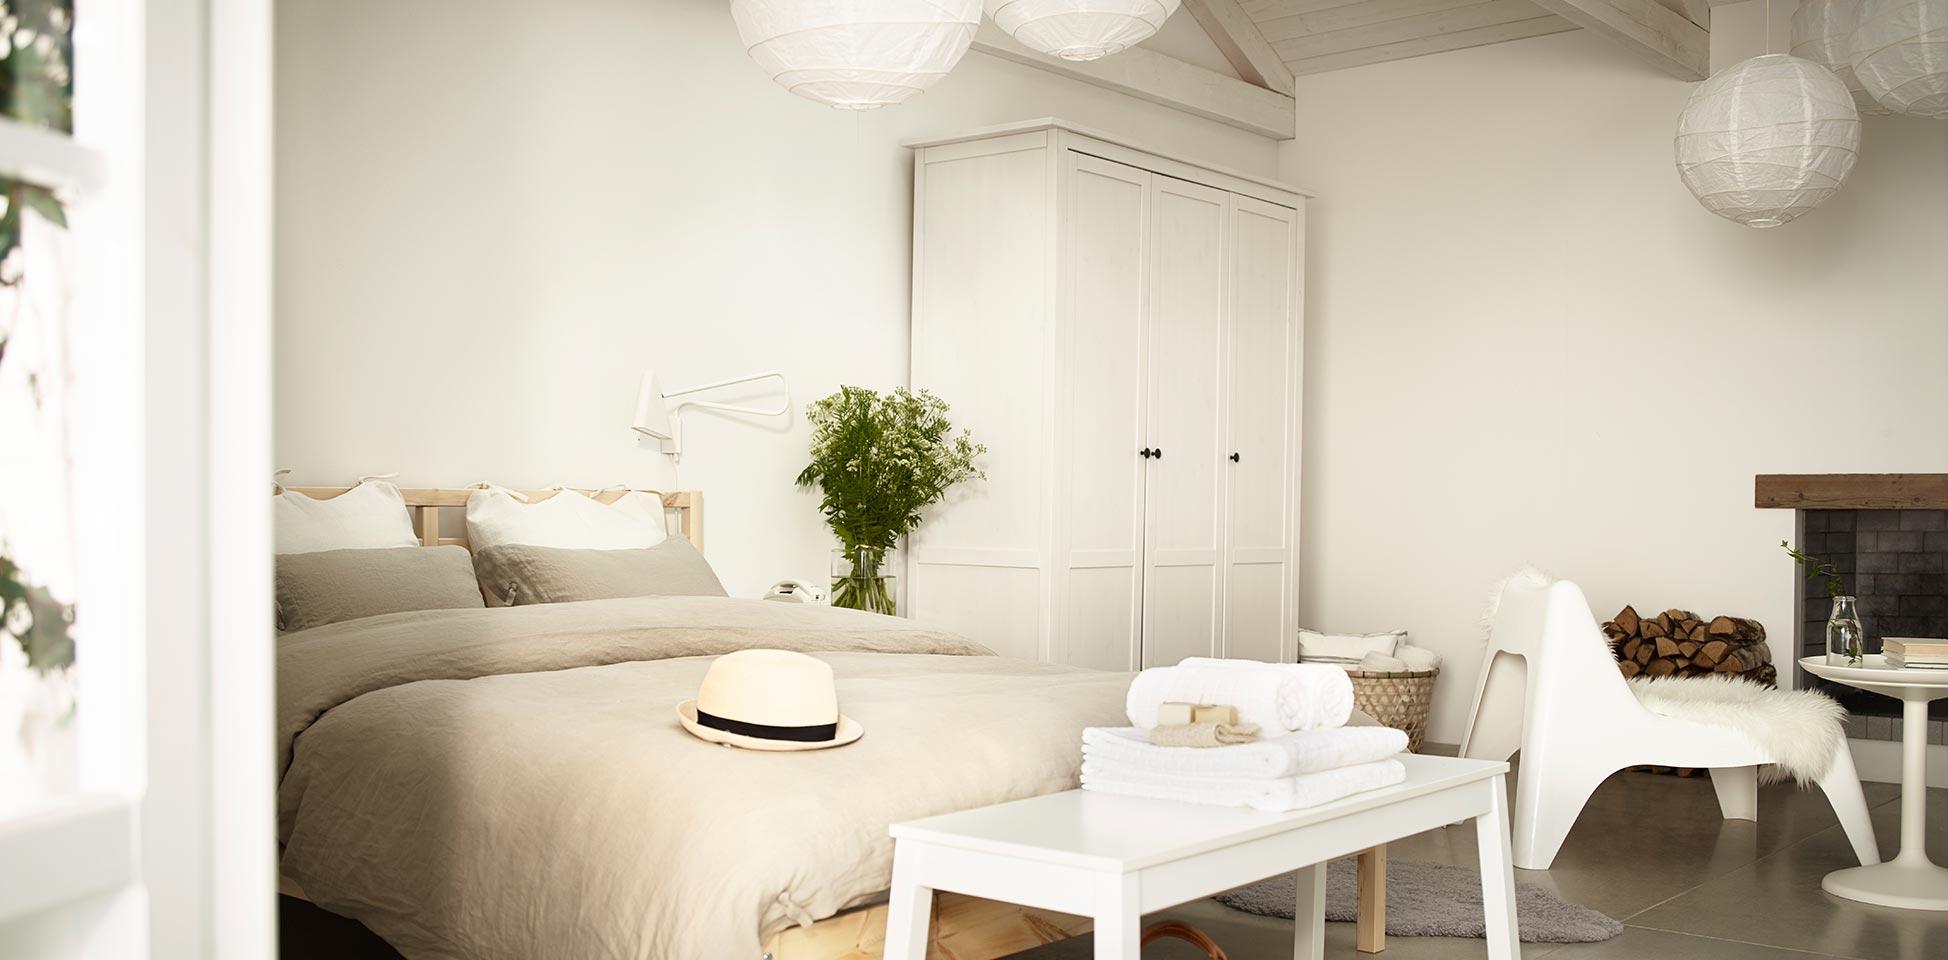 Blog decorar la pared de encima de la cama - Cuadros encima cabecero cama ...